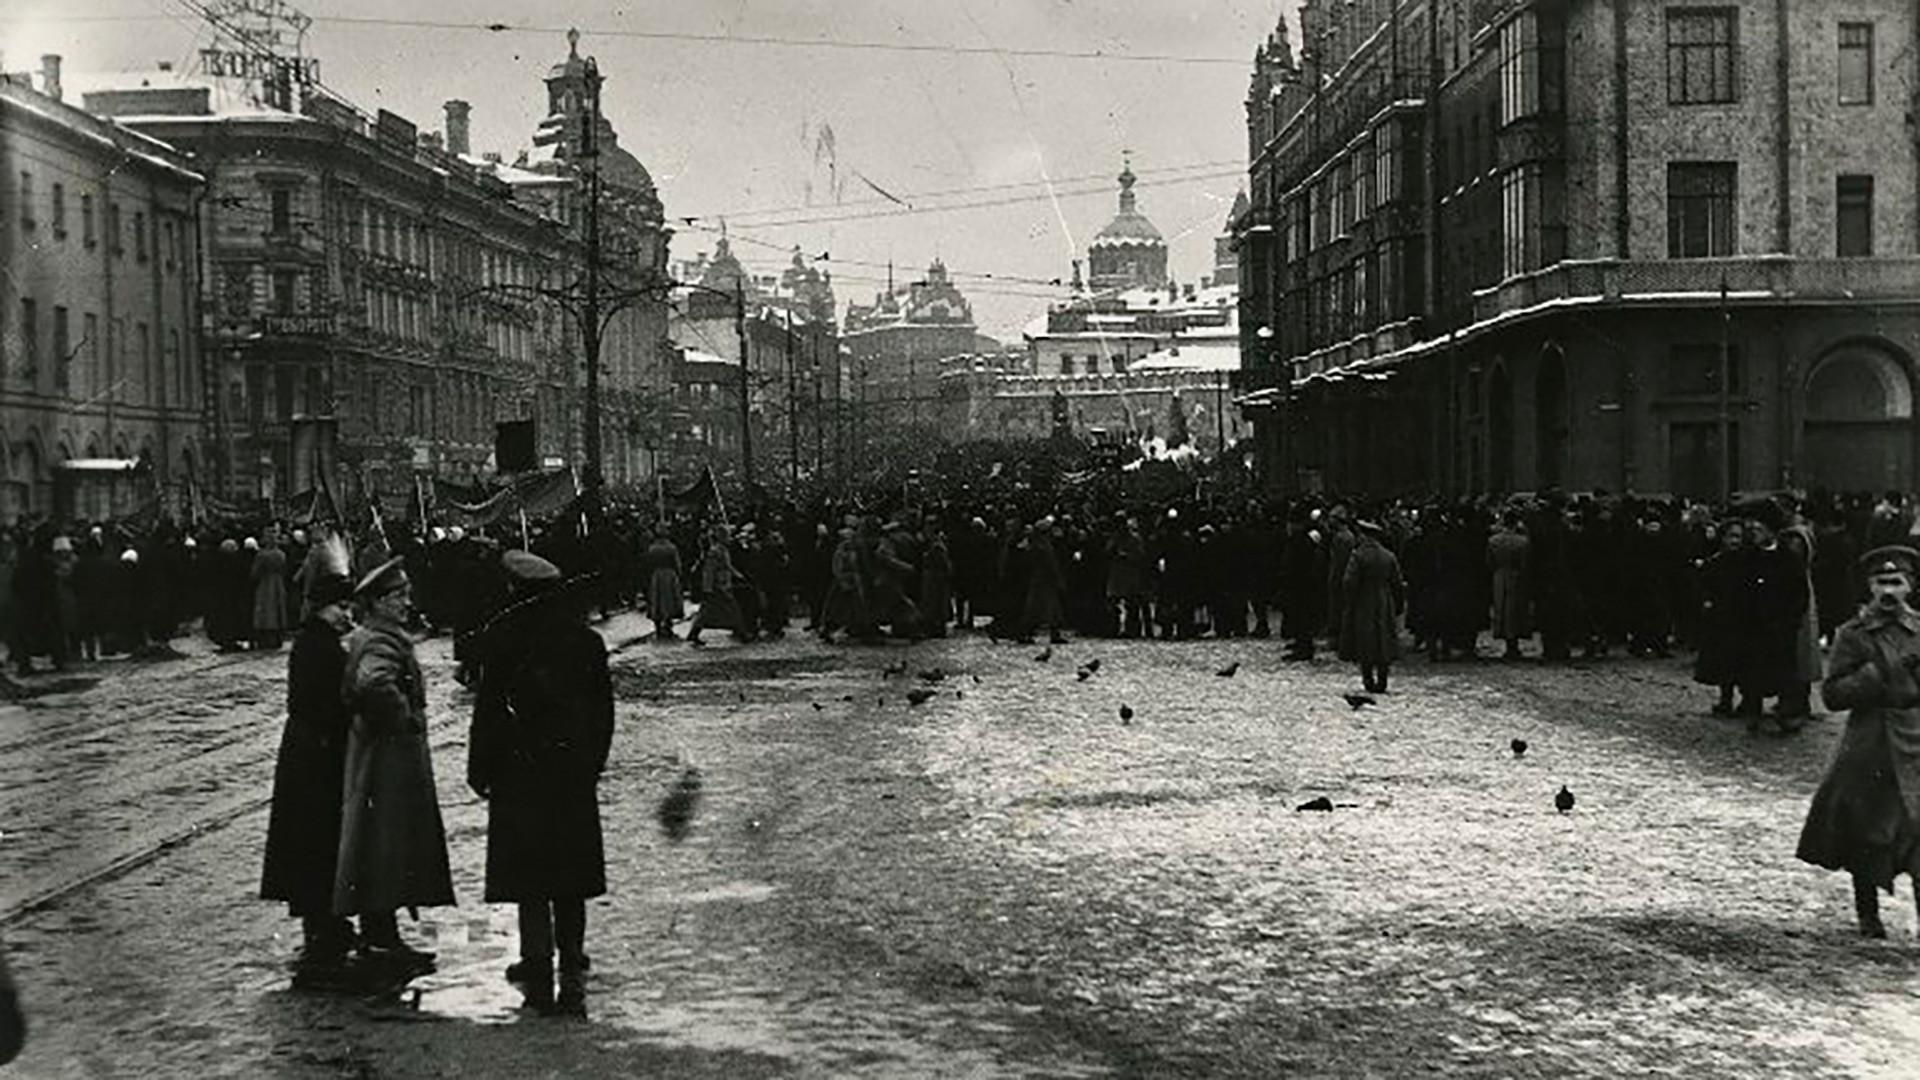 ロシア革命の初日、モスクワ